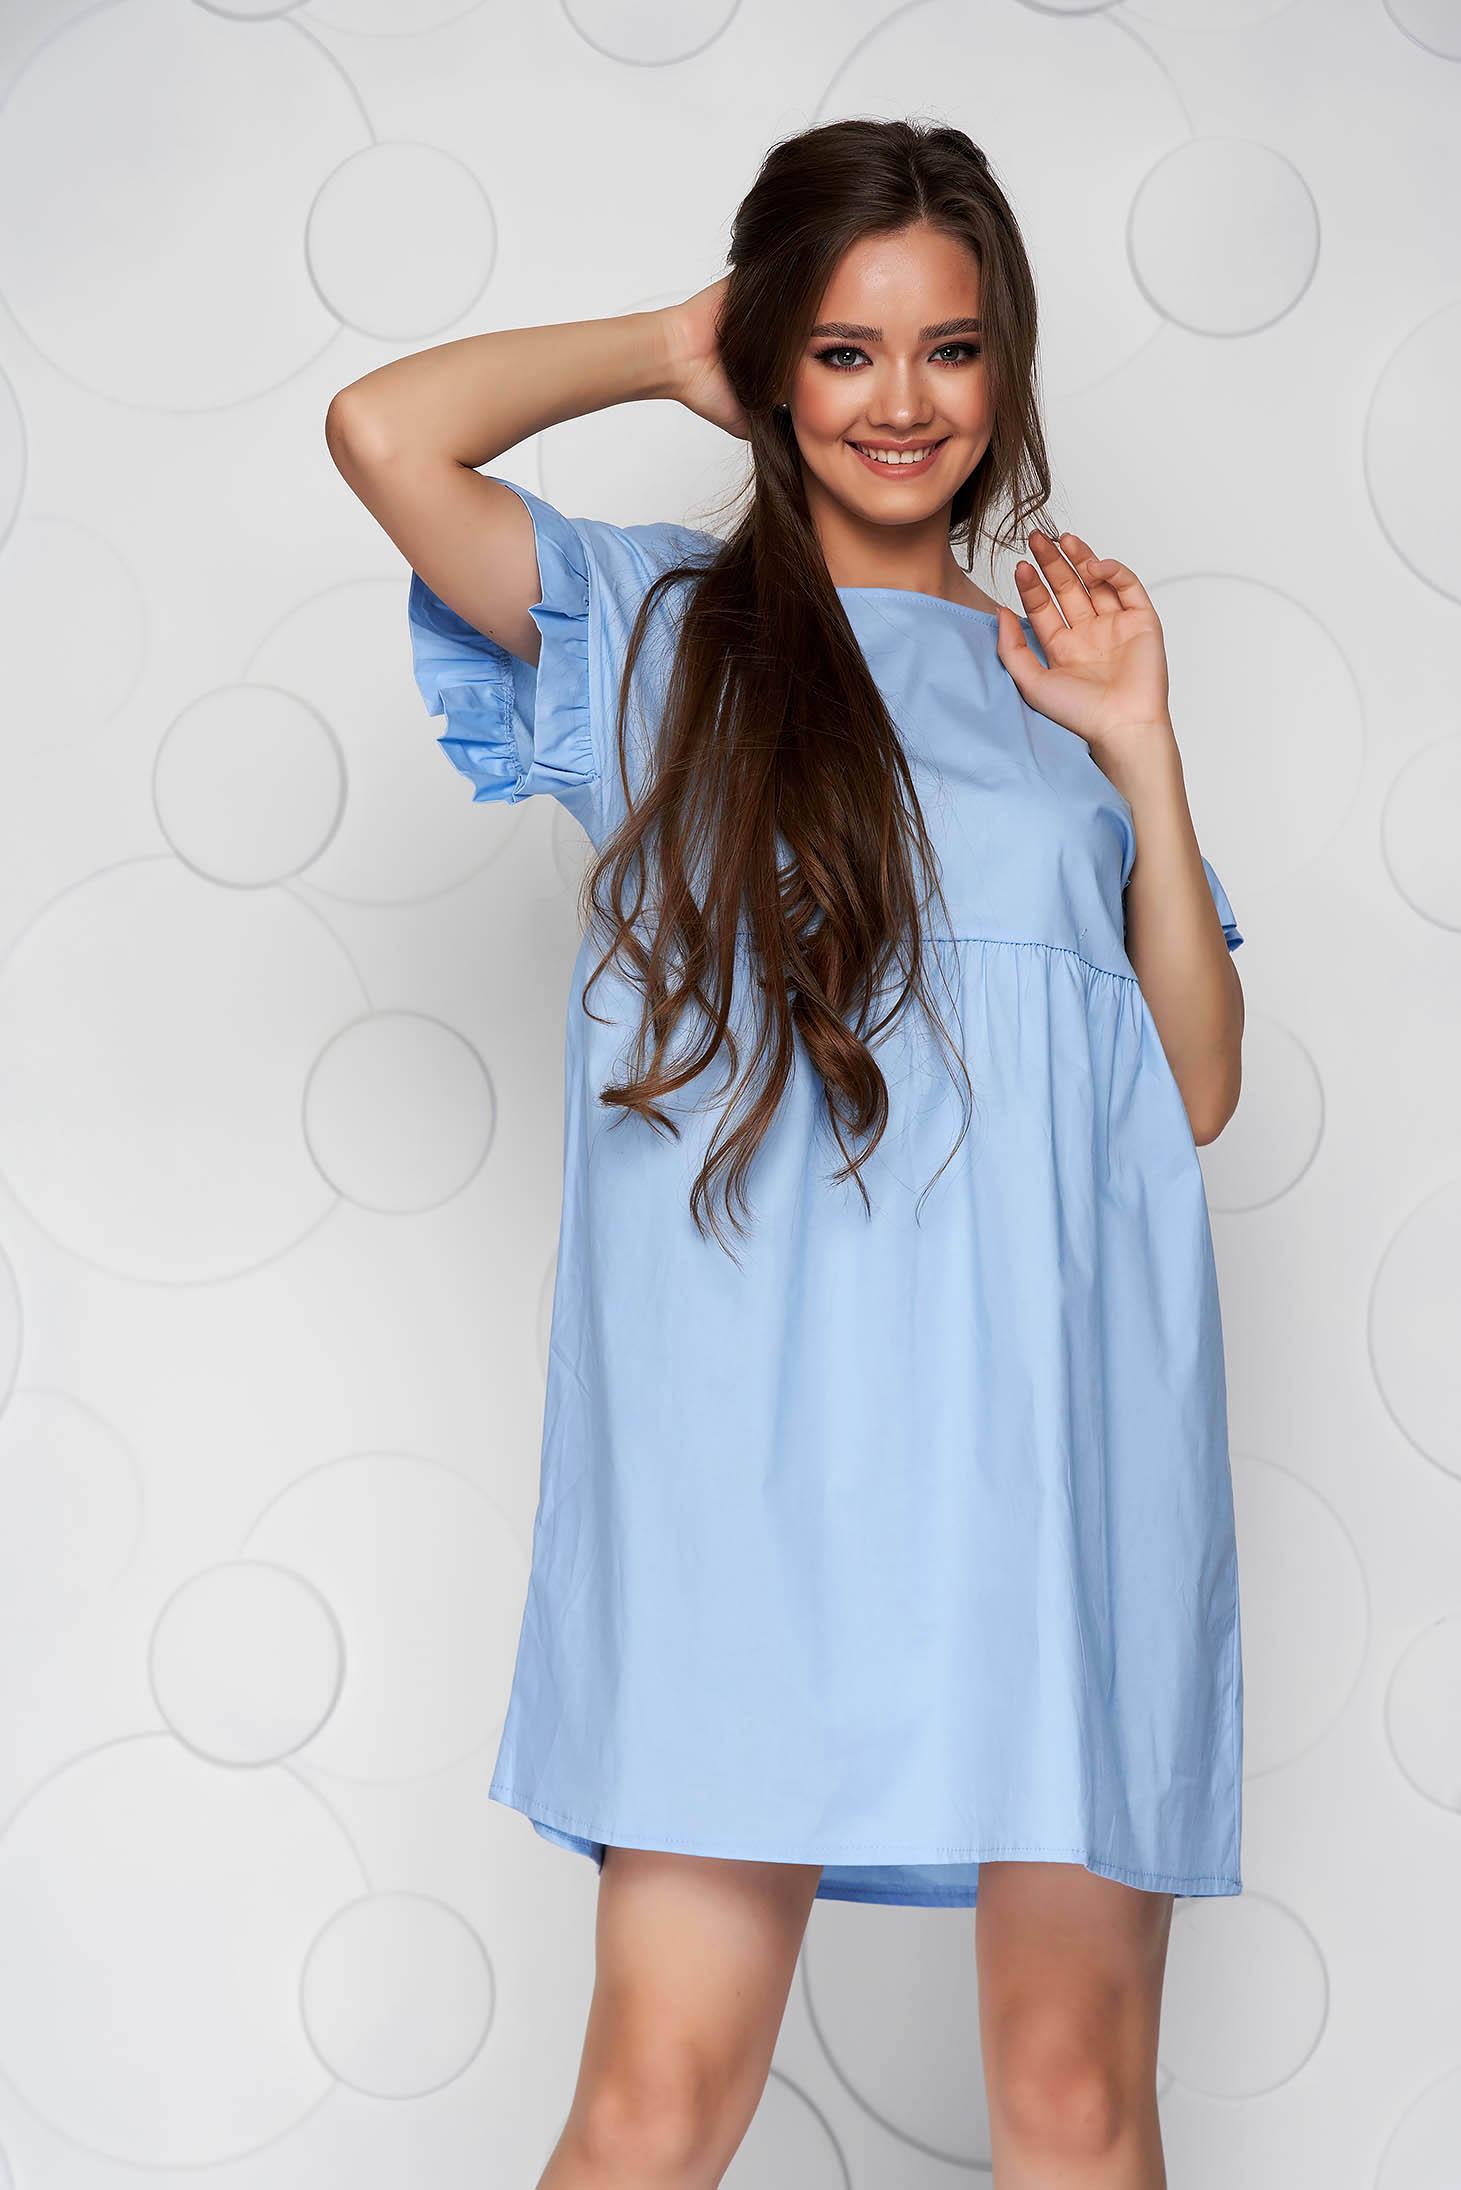 Rochie albastru-deschis din poplin cu croi larg cu volanase